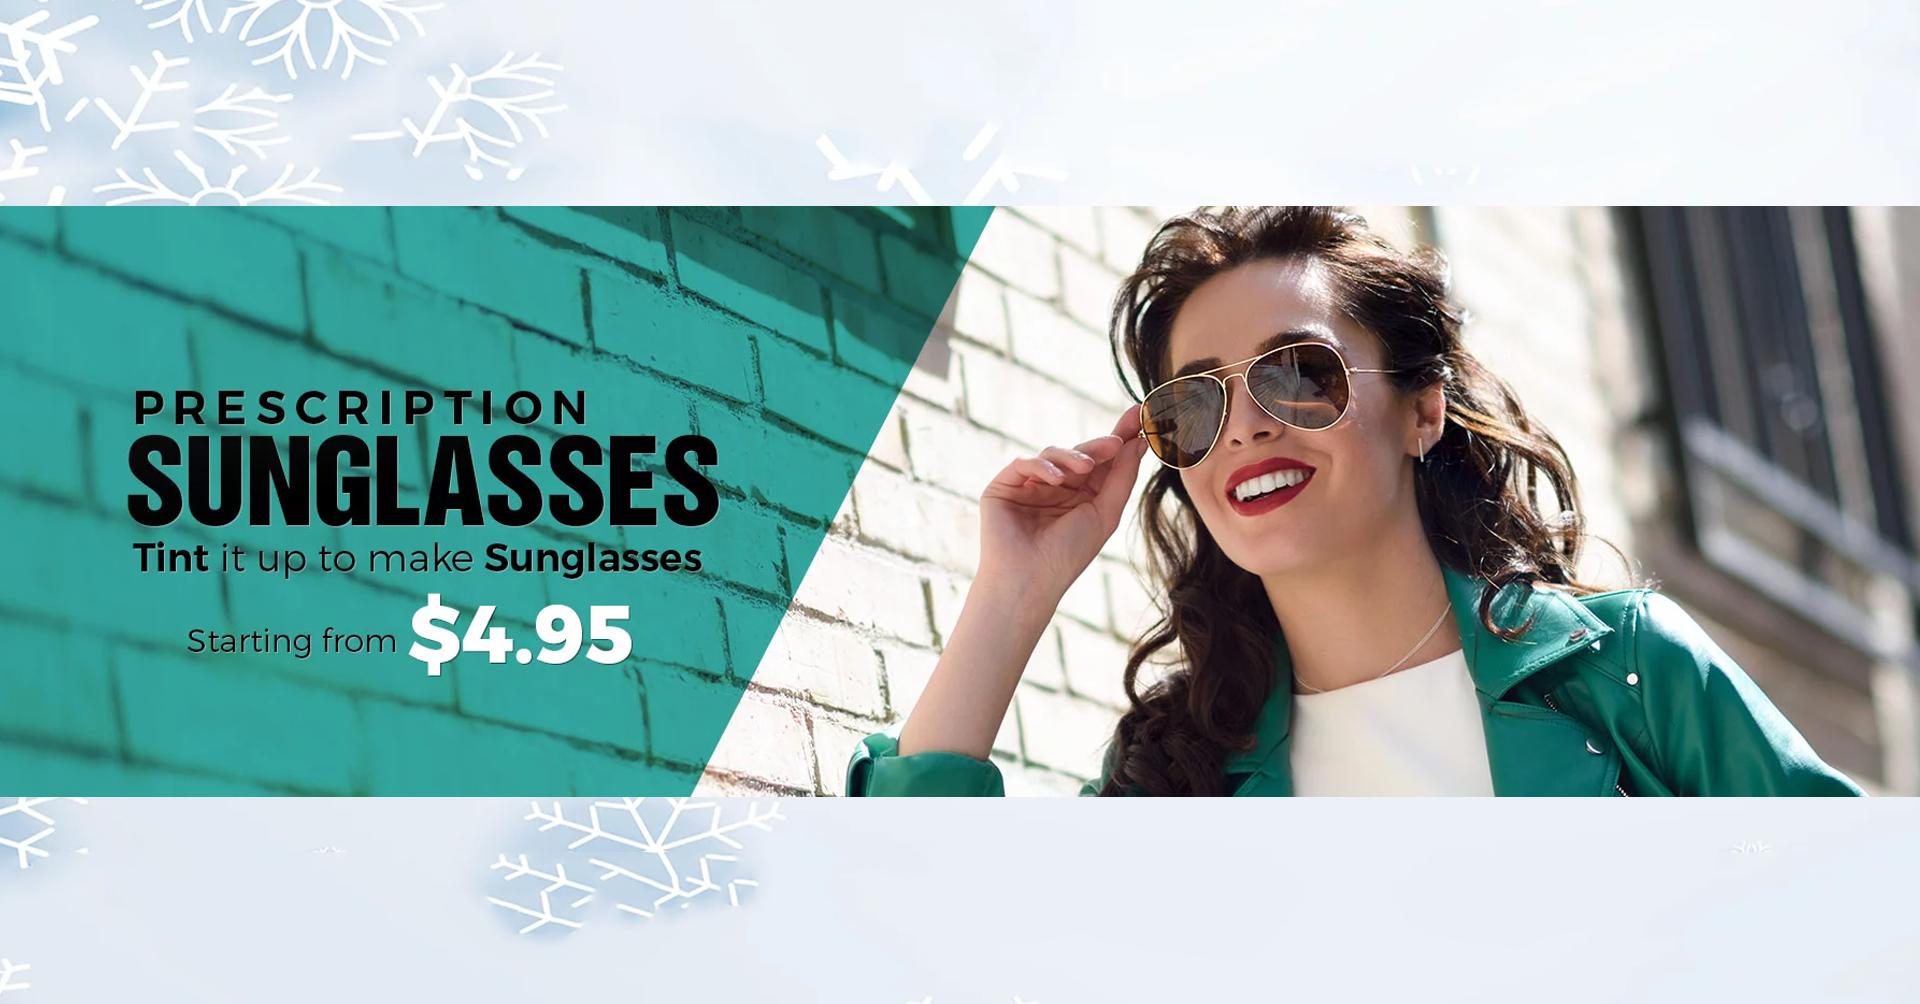 Buy Prescription Sunglasses Online - Goggles4u.com